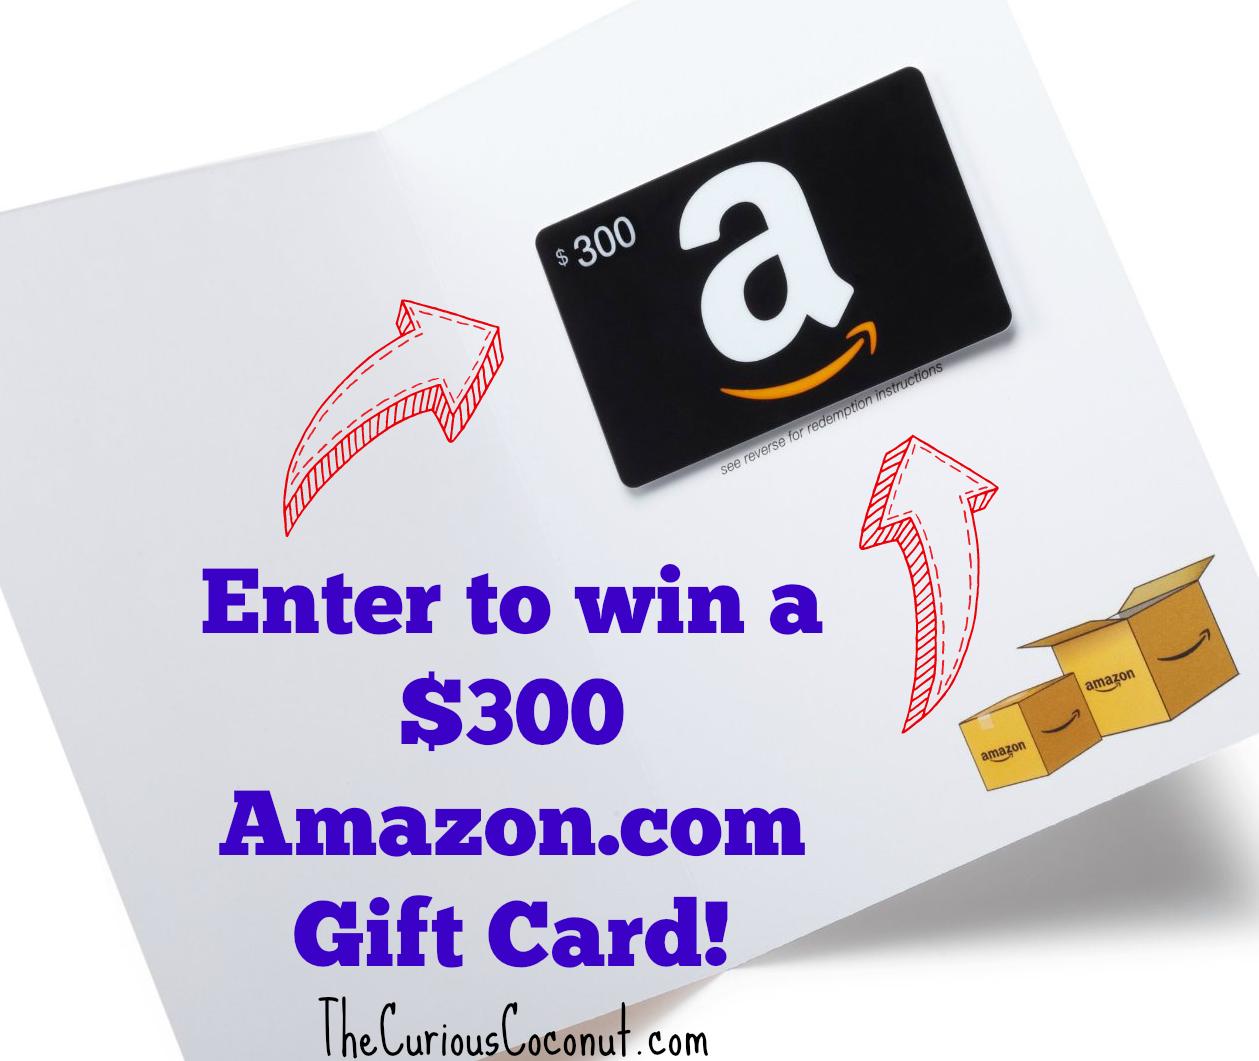 Enter to win a $300 Amazon.com gift card! TheCuriousCoconut.com